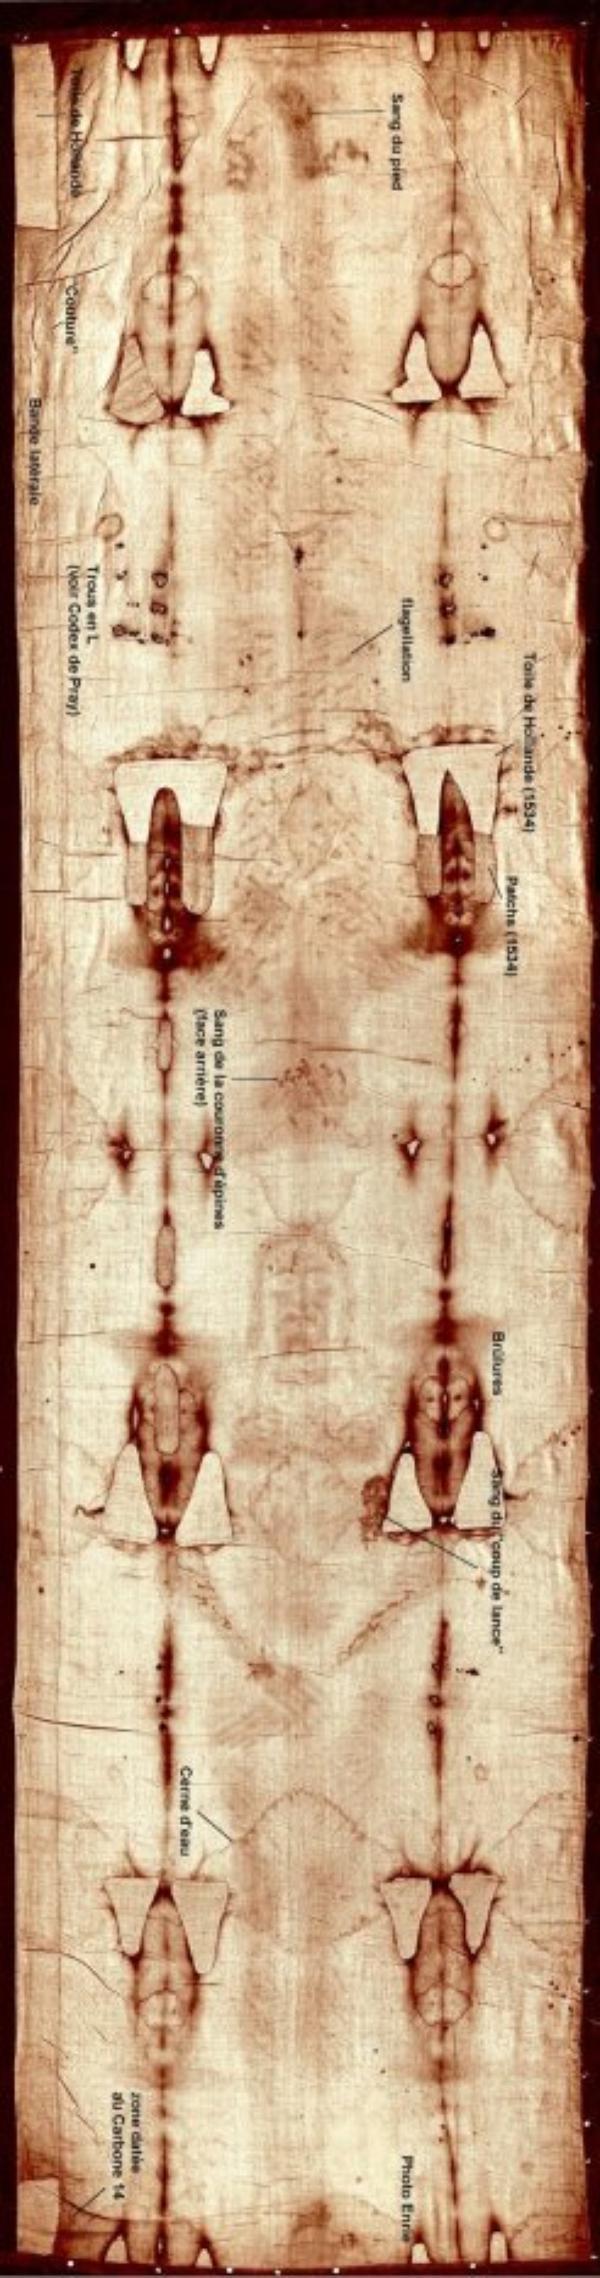 Le suaire de Turin est le linceul du Christ